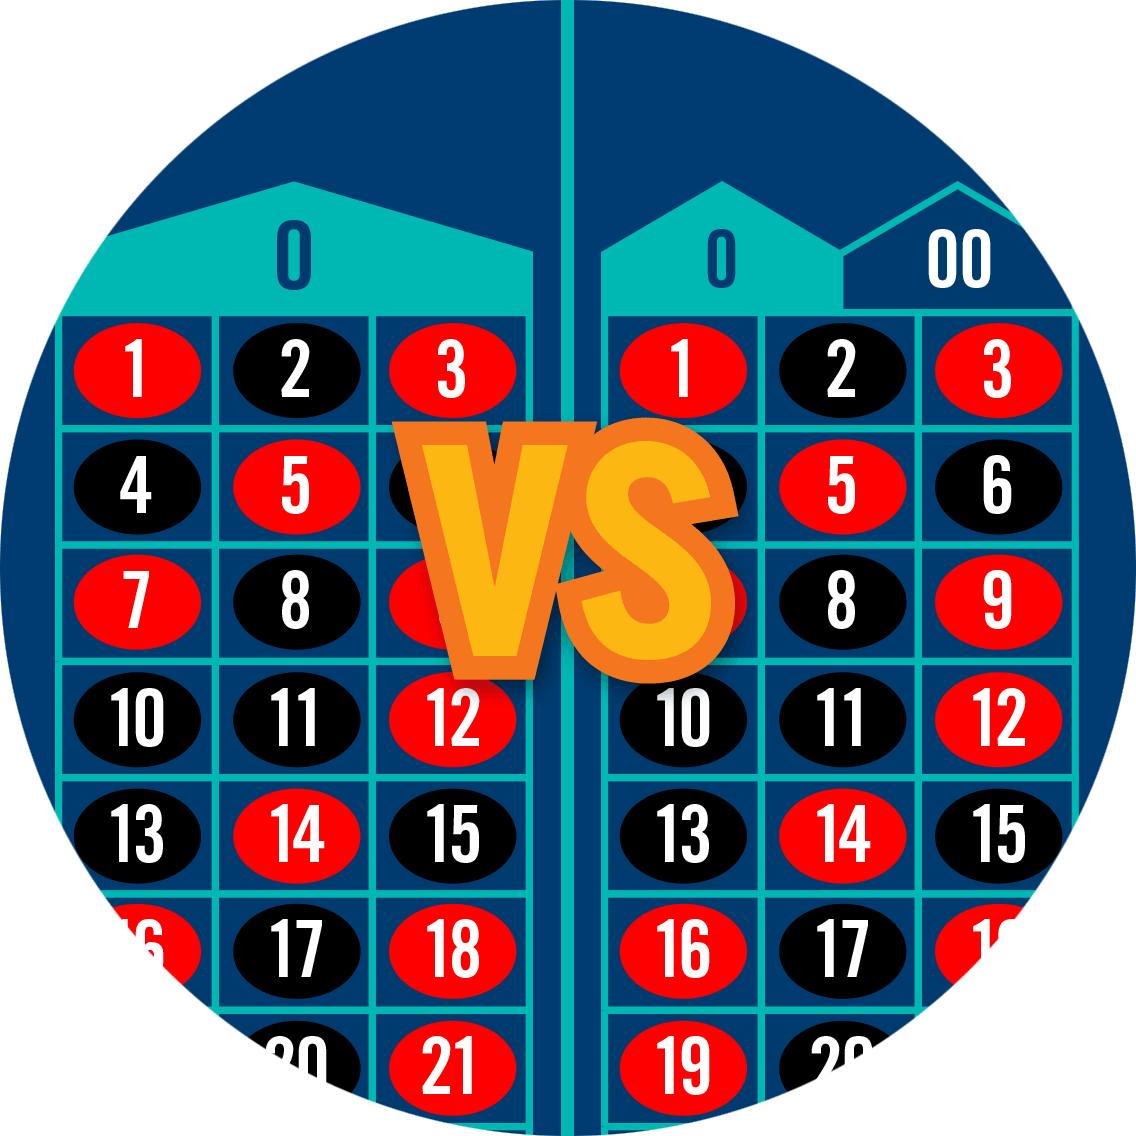 一張歐洲輪盤賭桌對比於一張美式輪盤賭桌。